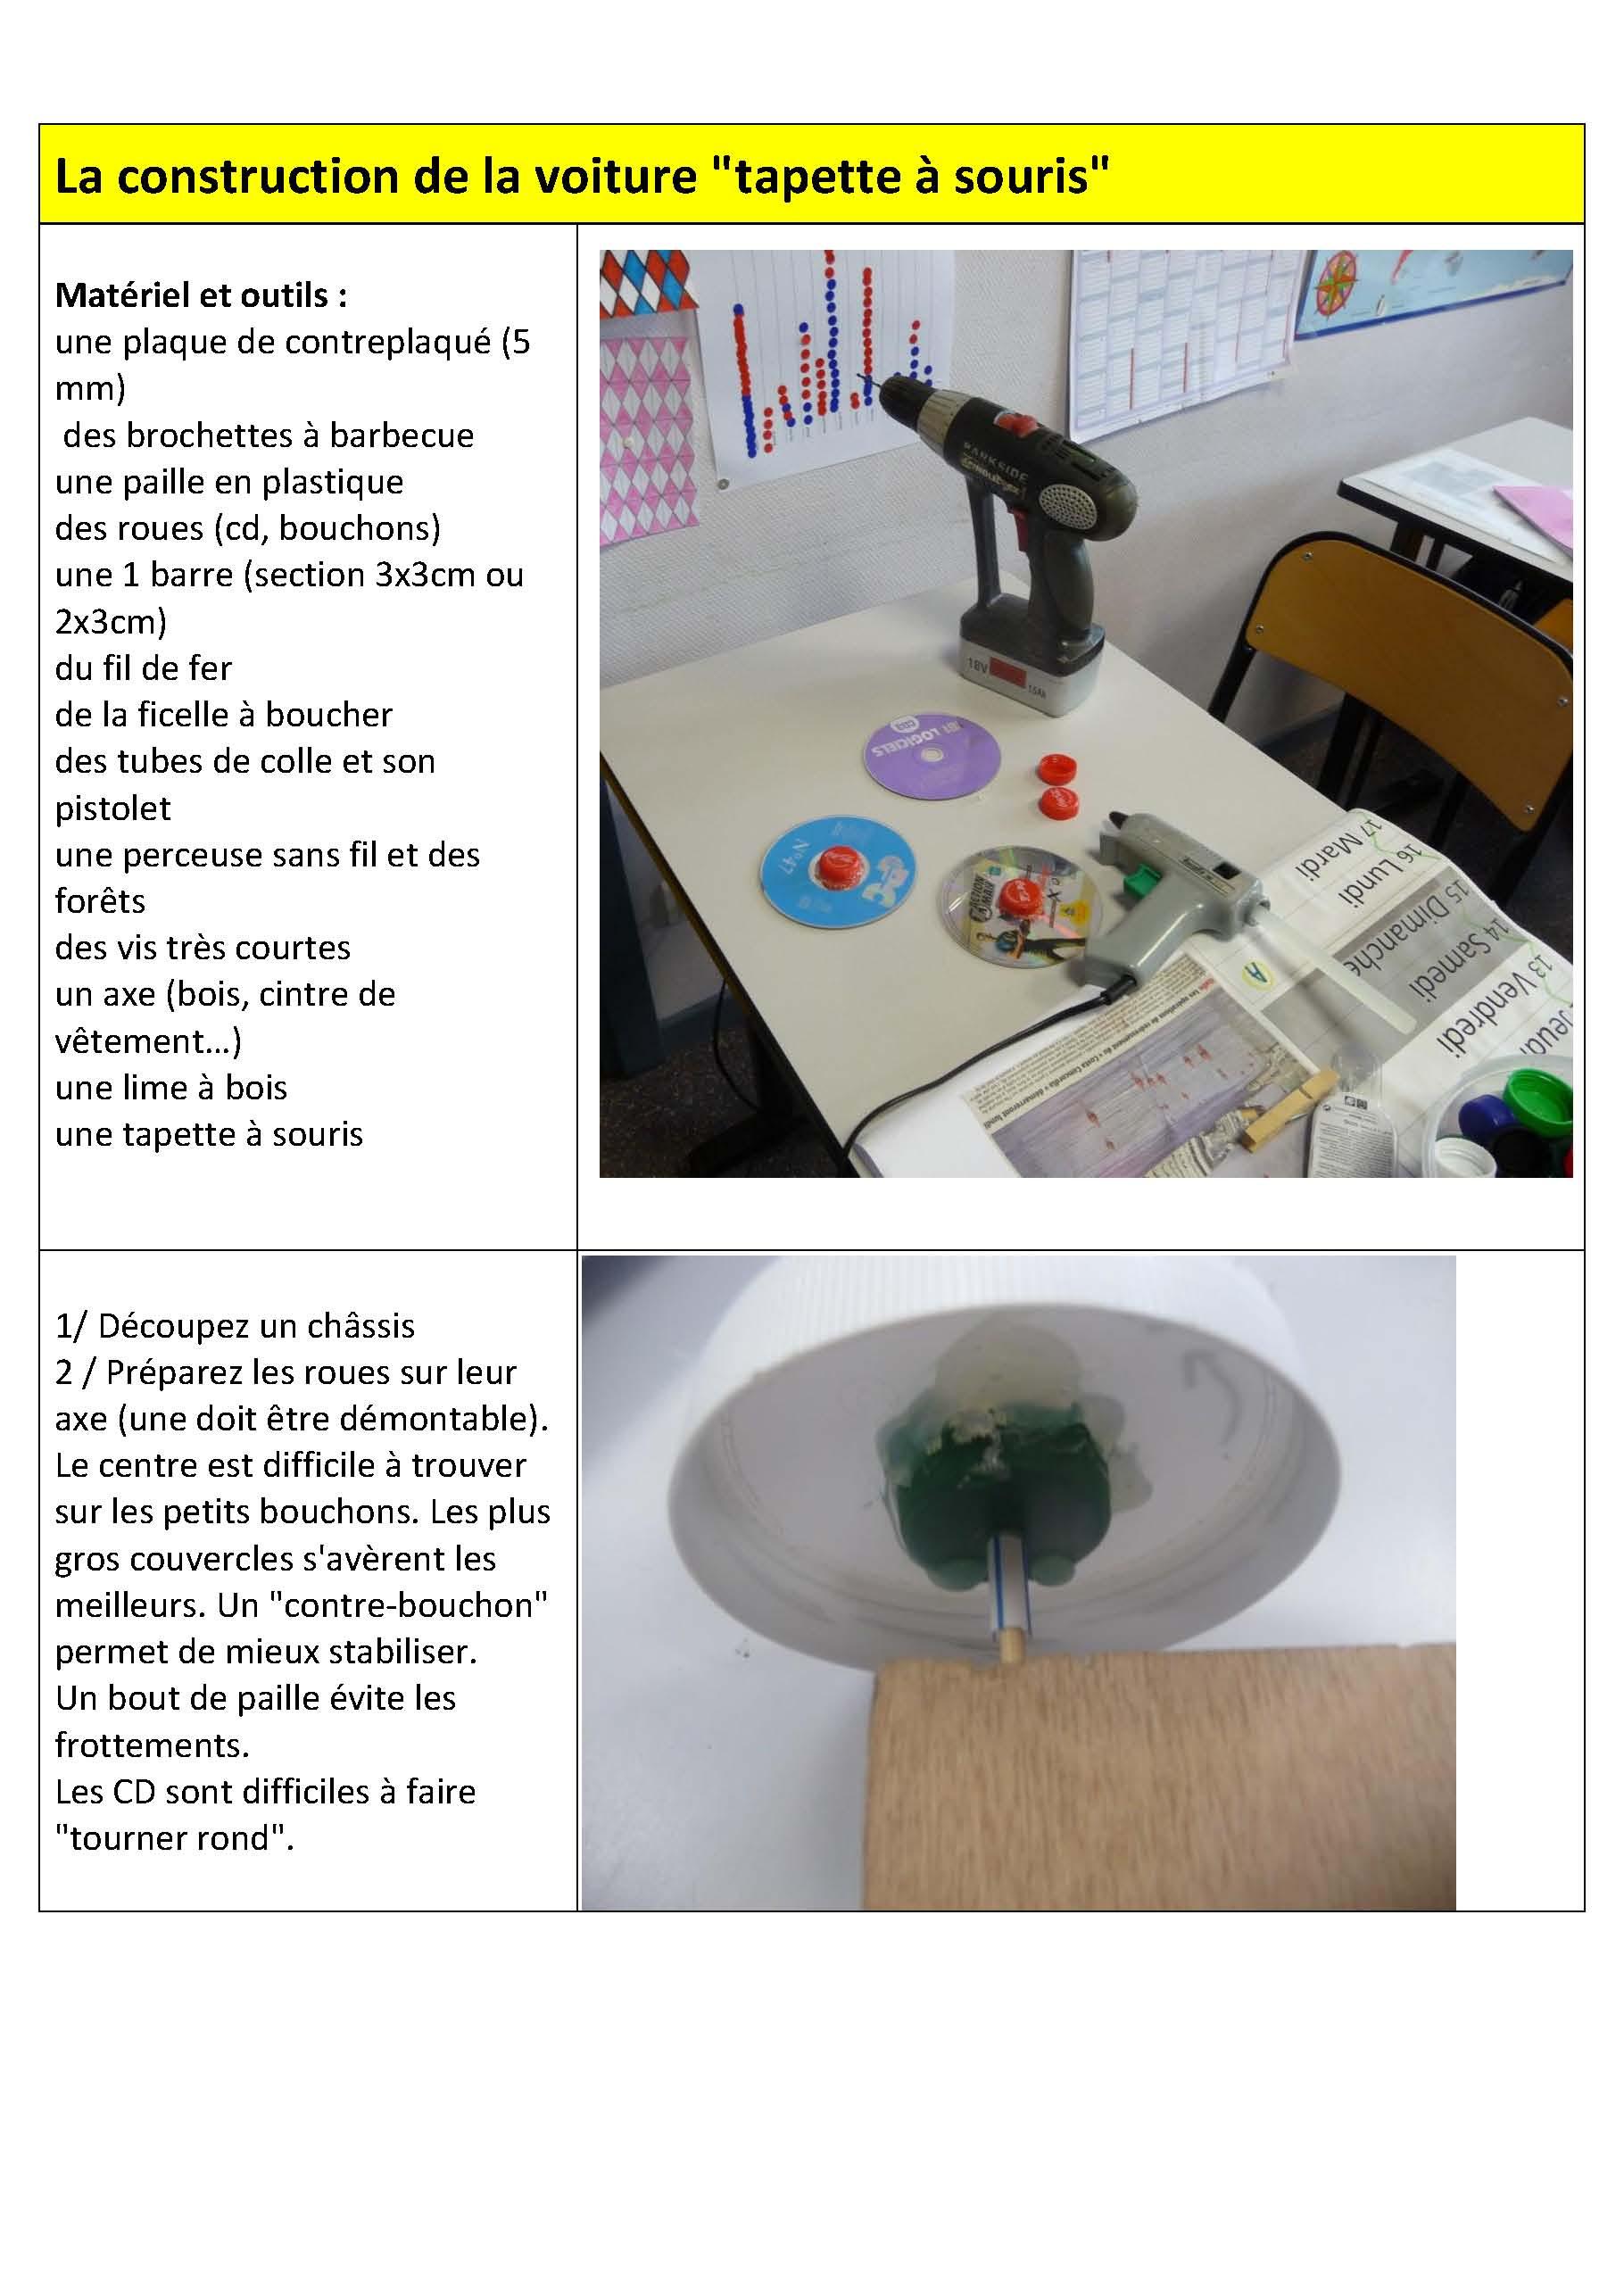 Paille De Fer Souris k / projet vroumvroum : toutes les activités autour du thème